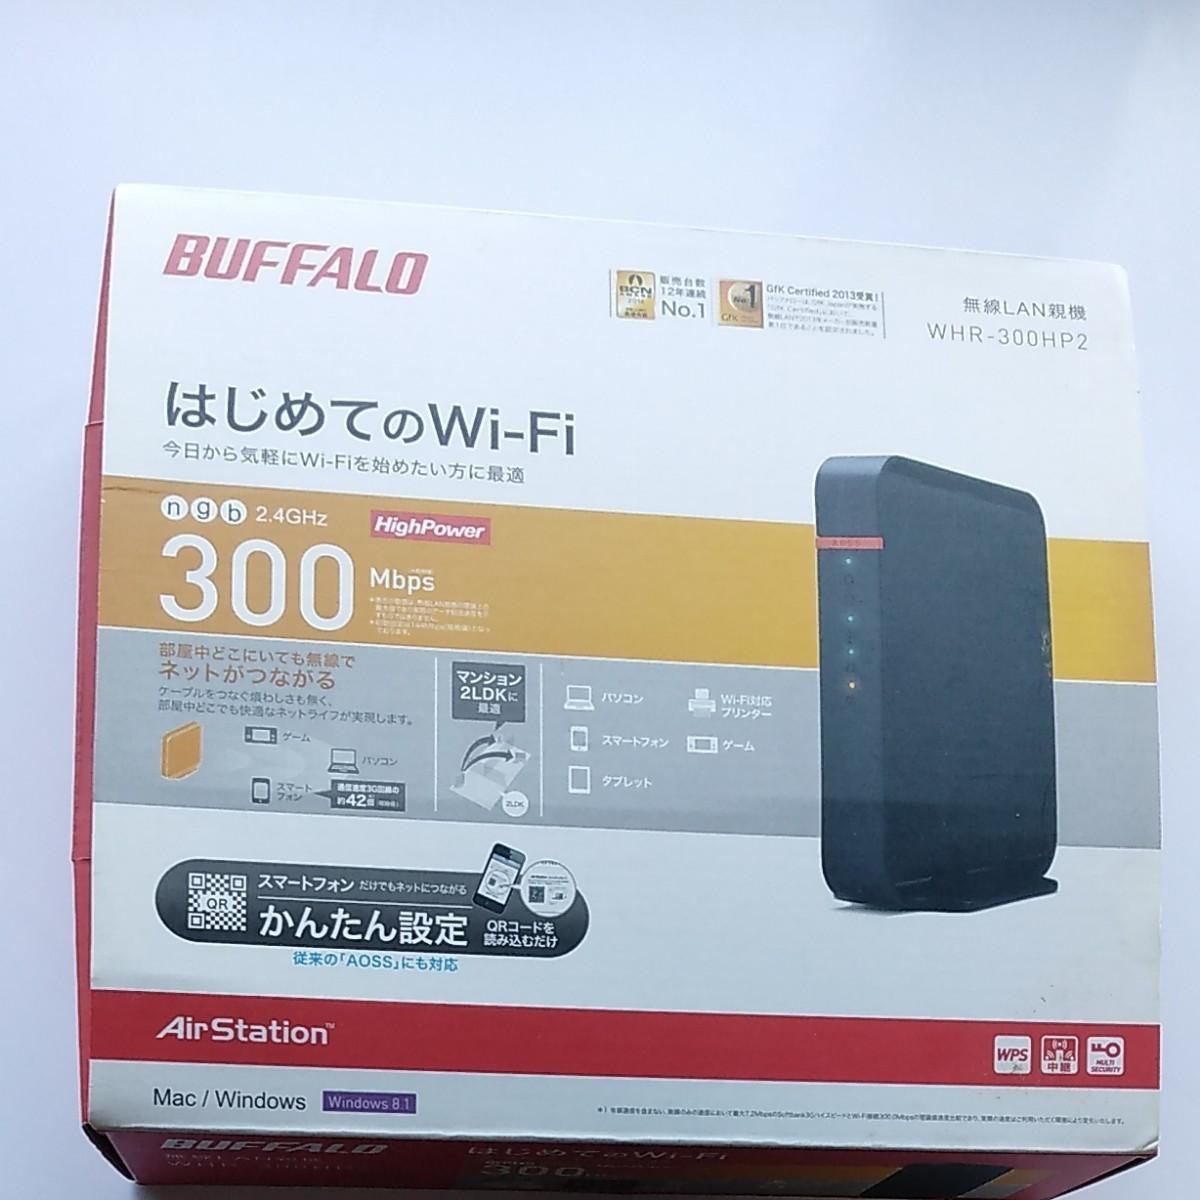 【超美品】BUFFALO WiFi 無線LAN 11nハイパワールーター